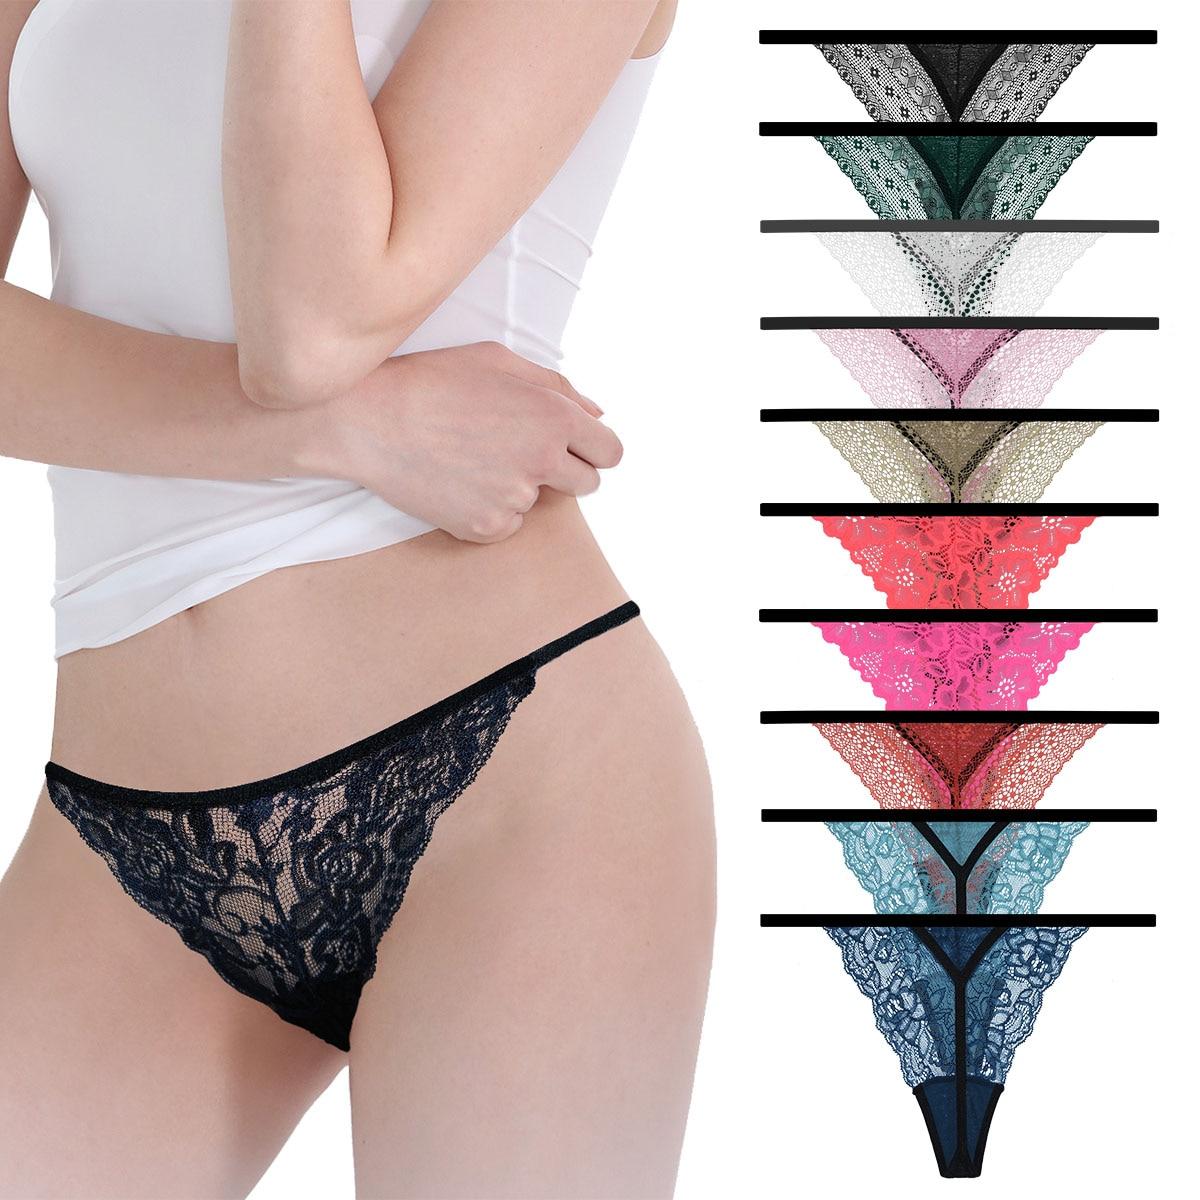 10 Pcs/lot Sexy Lace Cotton Women G-String Thong T-Back Ladies Tangas Lingerie Plus Size Panties Underwear Modis Underpants